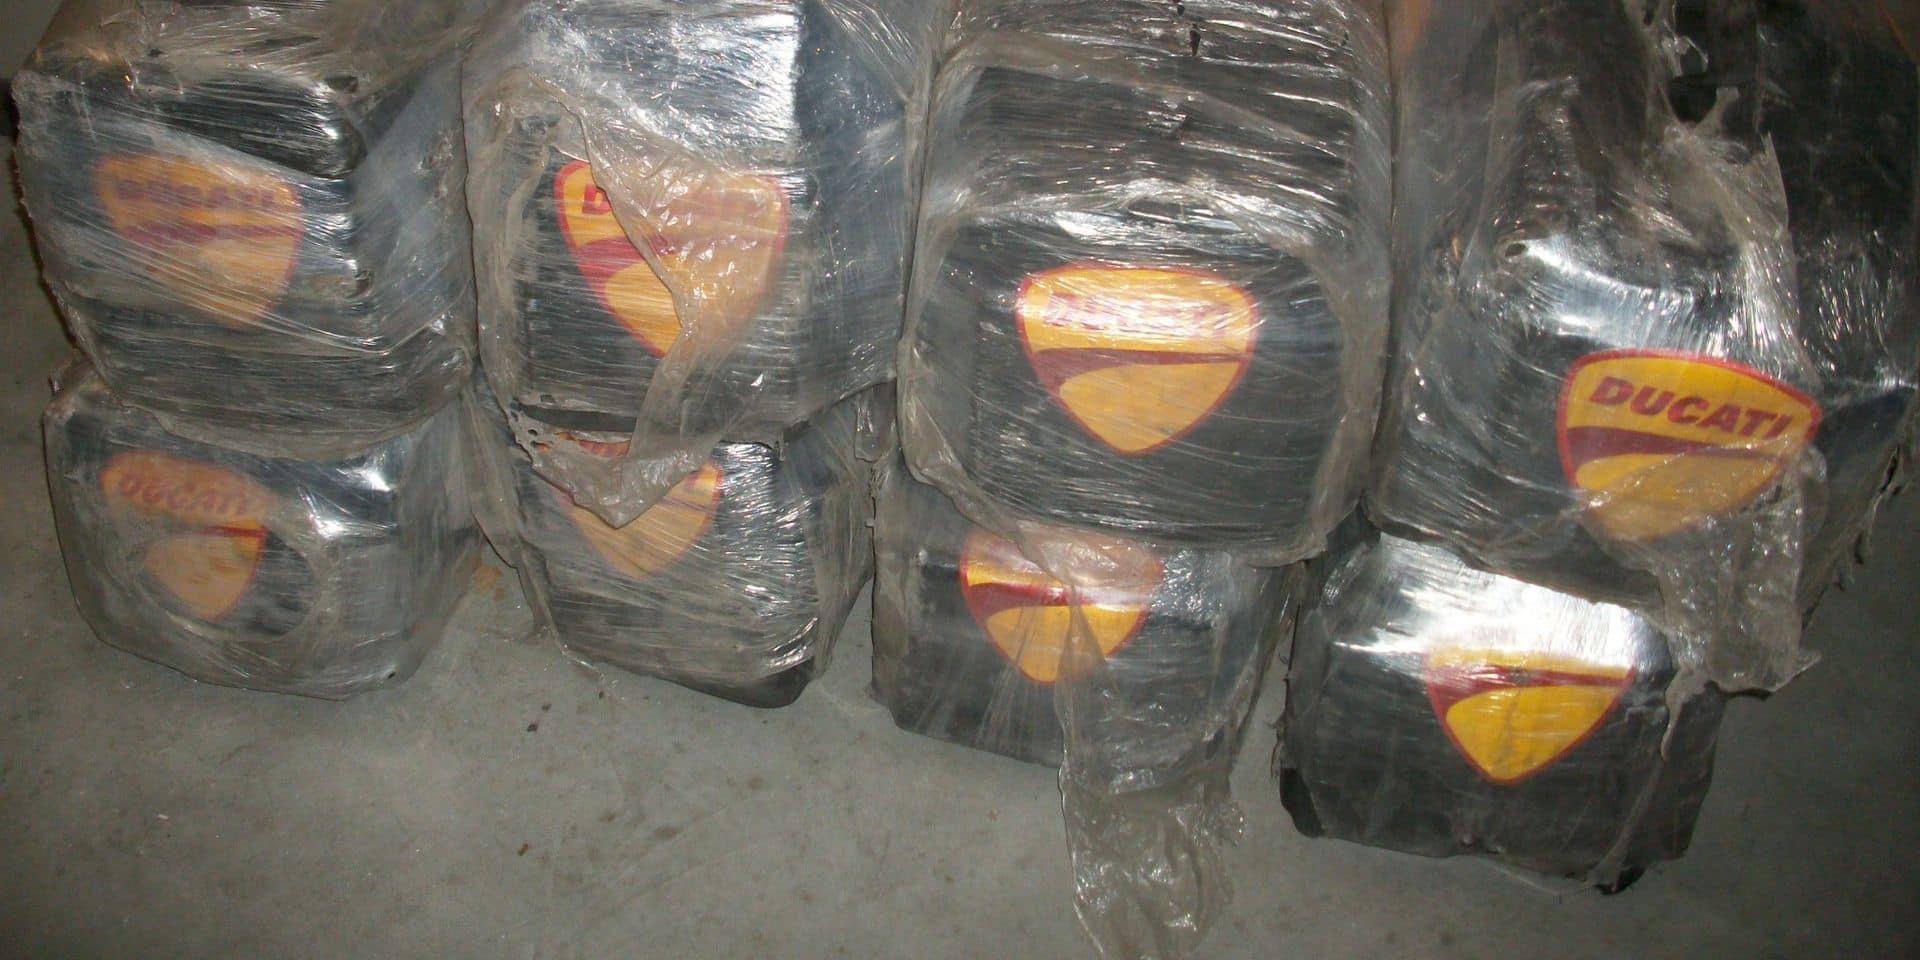 Près de 700 kilos de cocaïne découverts dans un container dans le port de Beveren